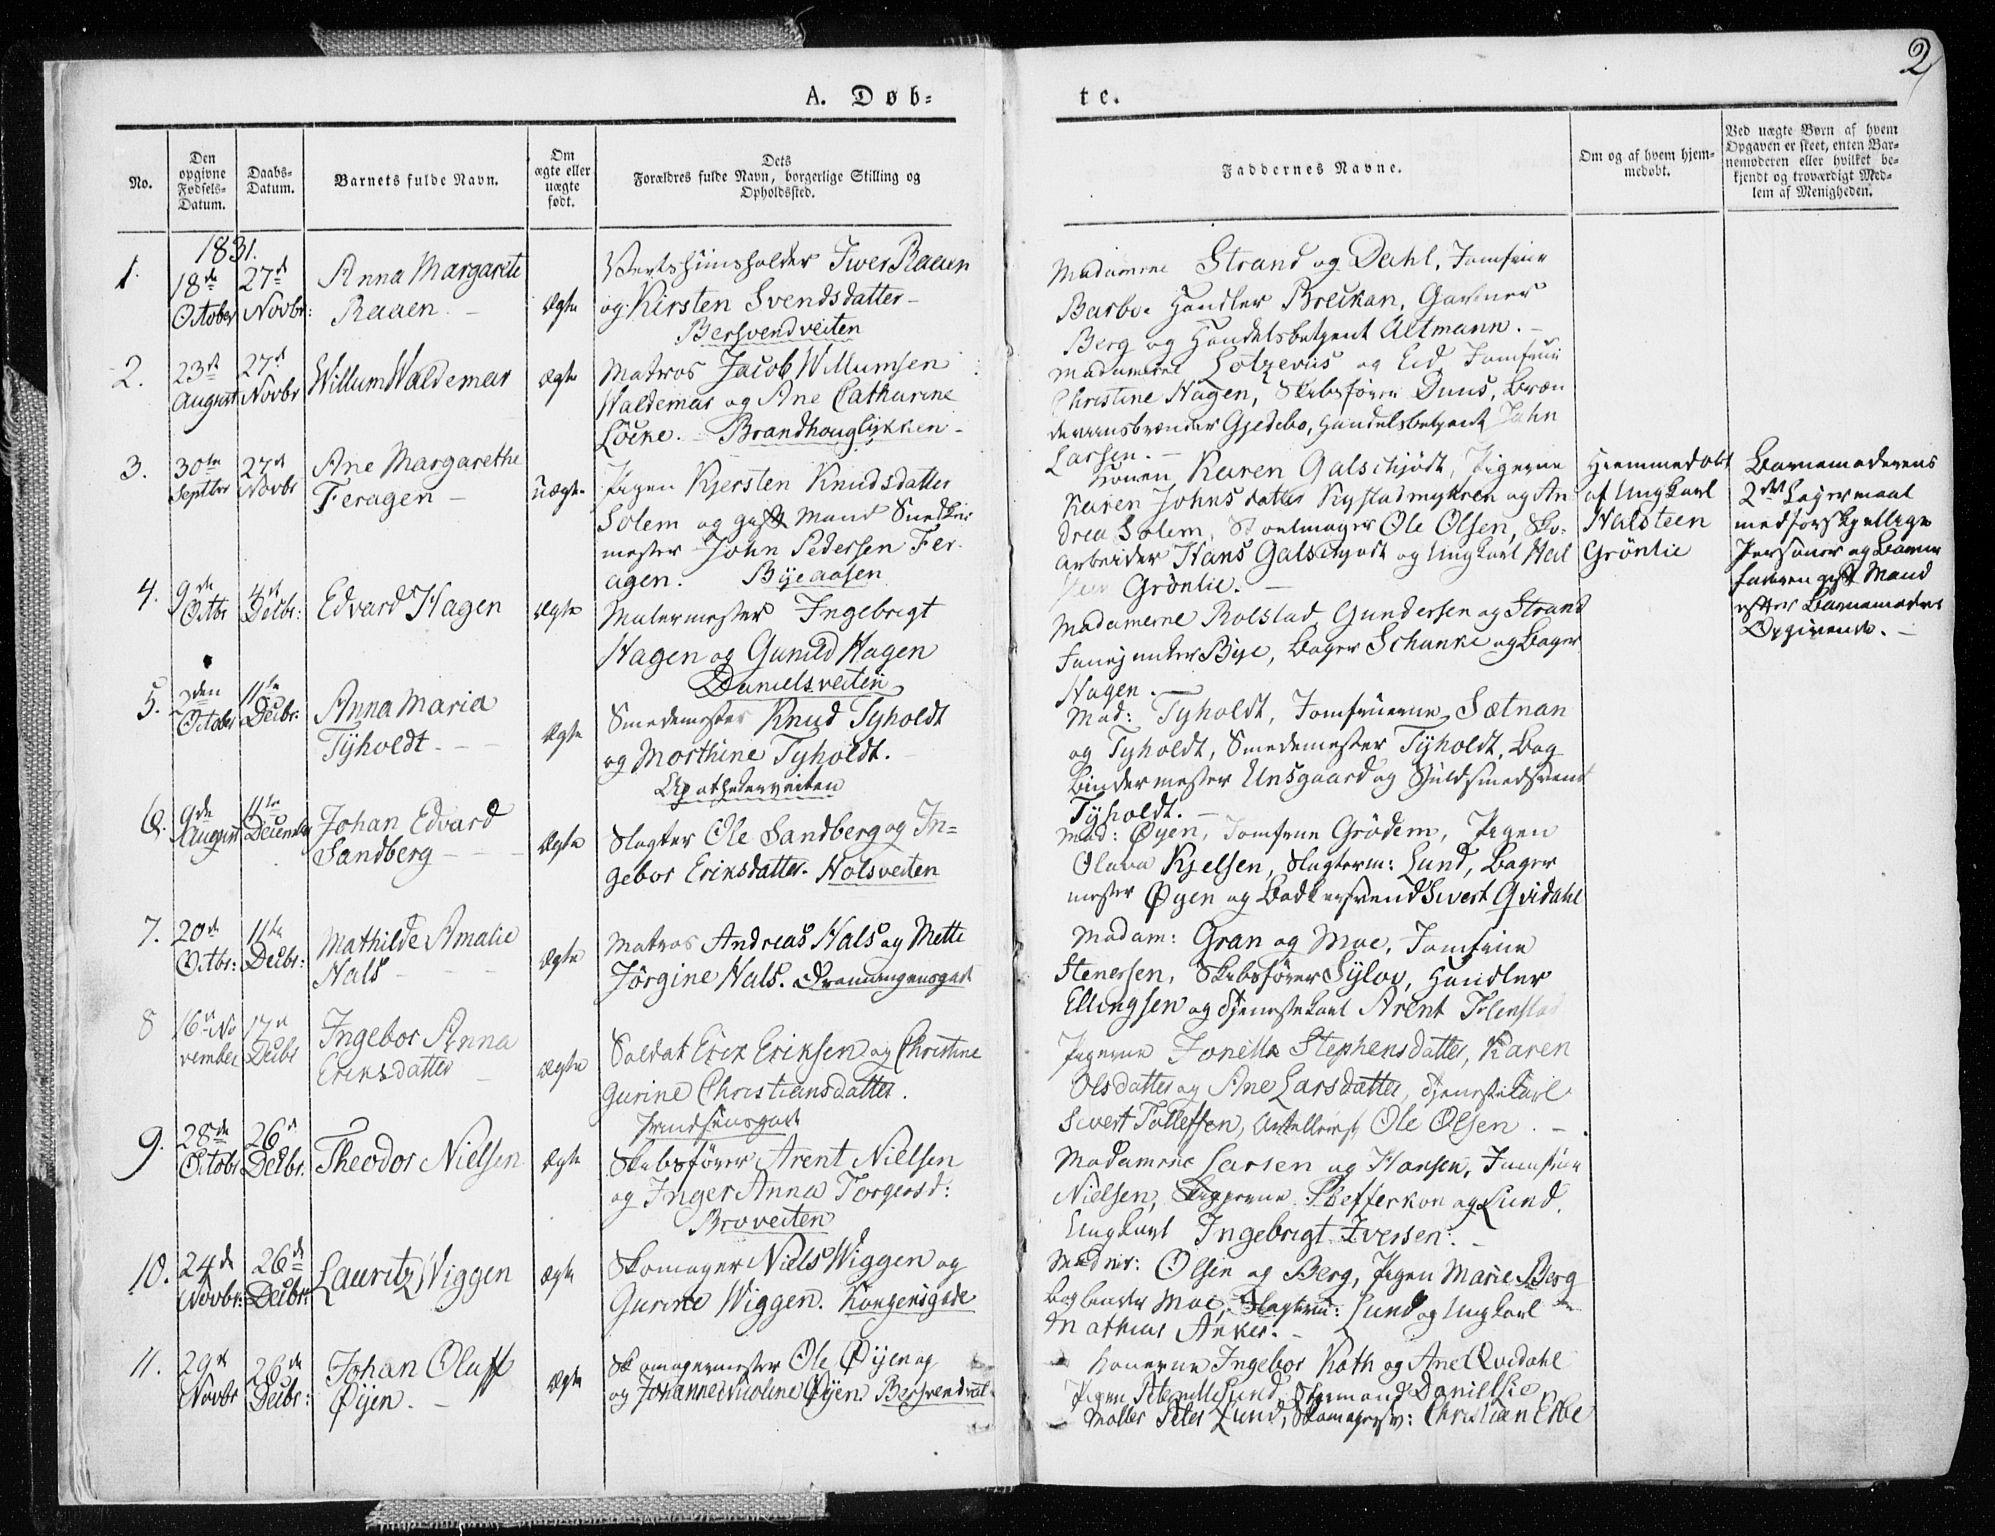 SAT, Ministerialprotokoller, klokkerbøker og fødselsregistre - Sør-Trøndelag, 601/L0047: Ministerialbok nr. 601A15, 1831-1839, s. 2